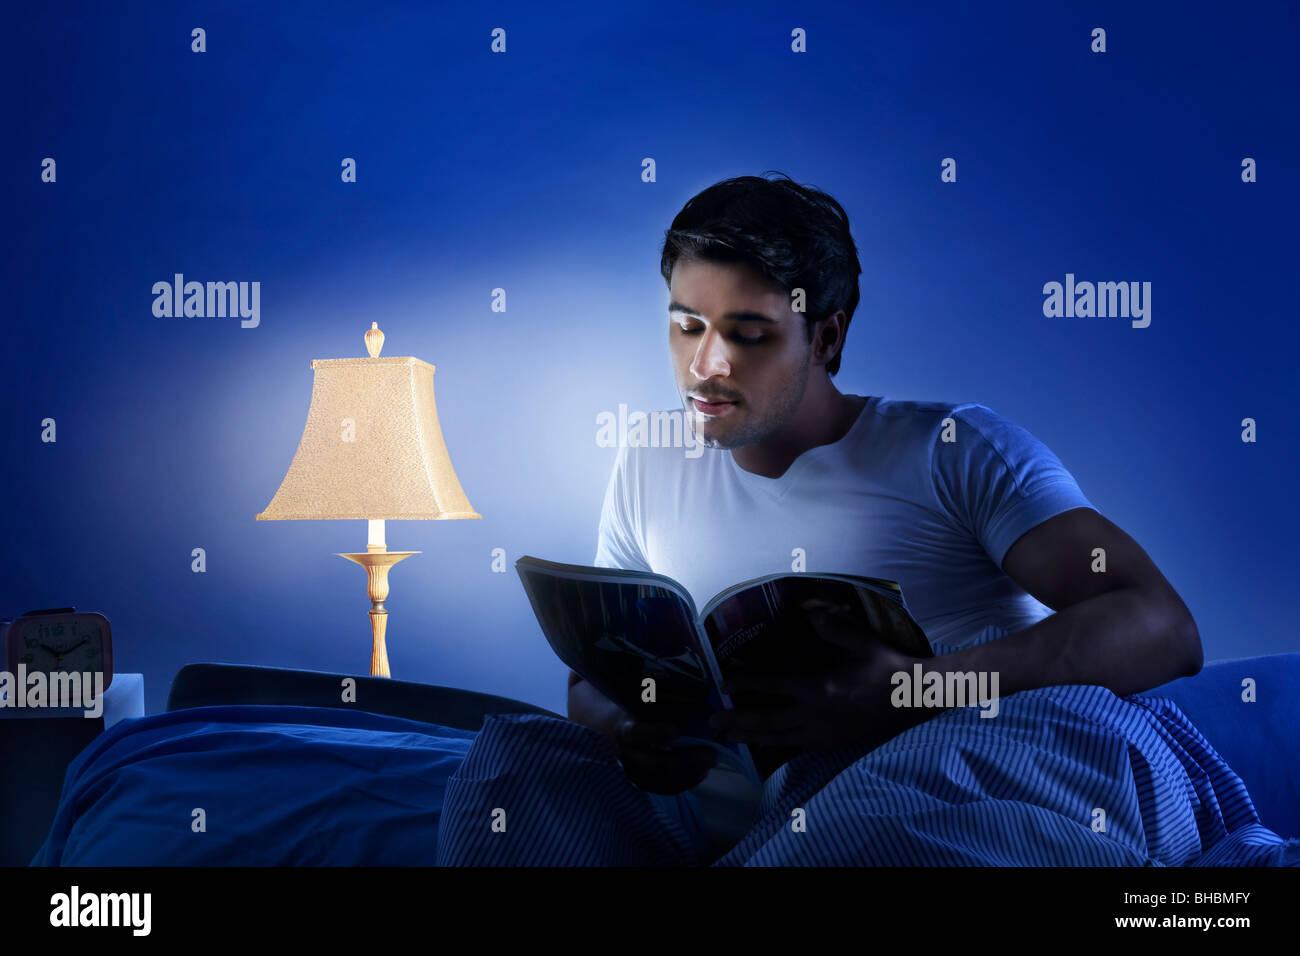 Mann liest eine Zeitschrift Stockfoto